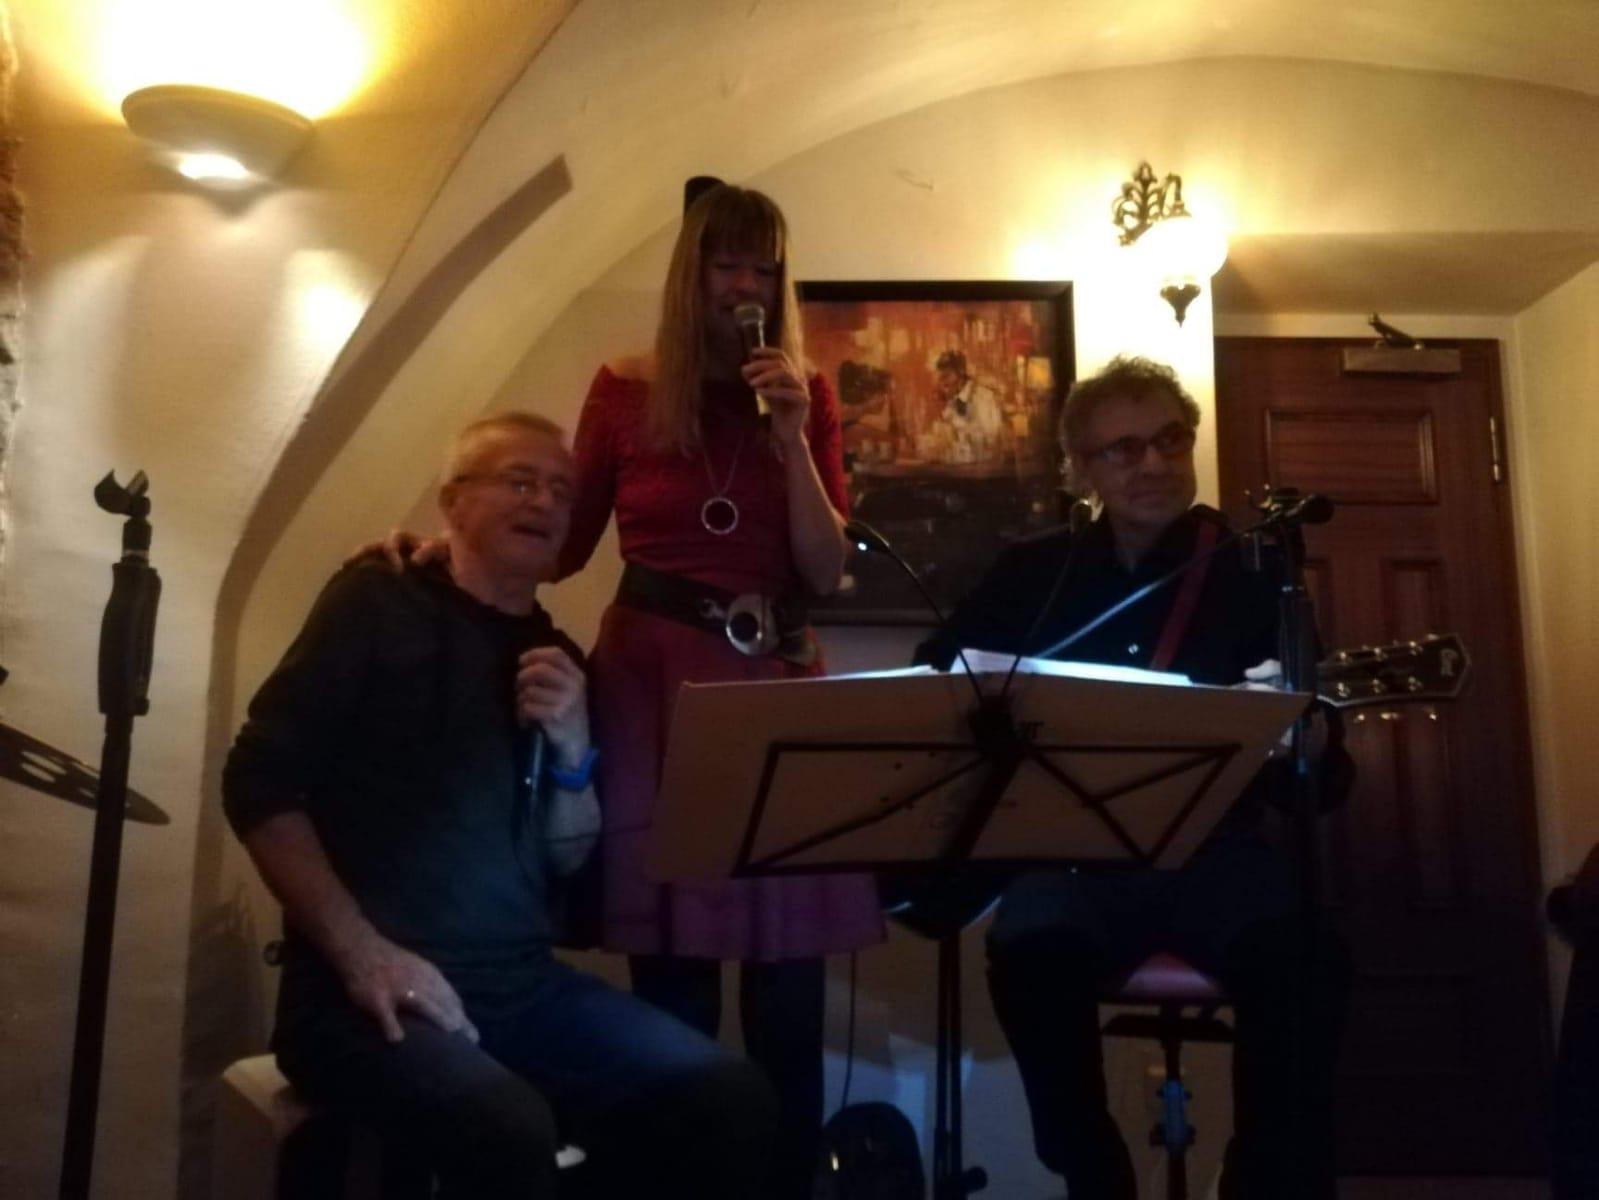 ...sing along....